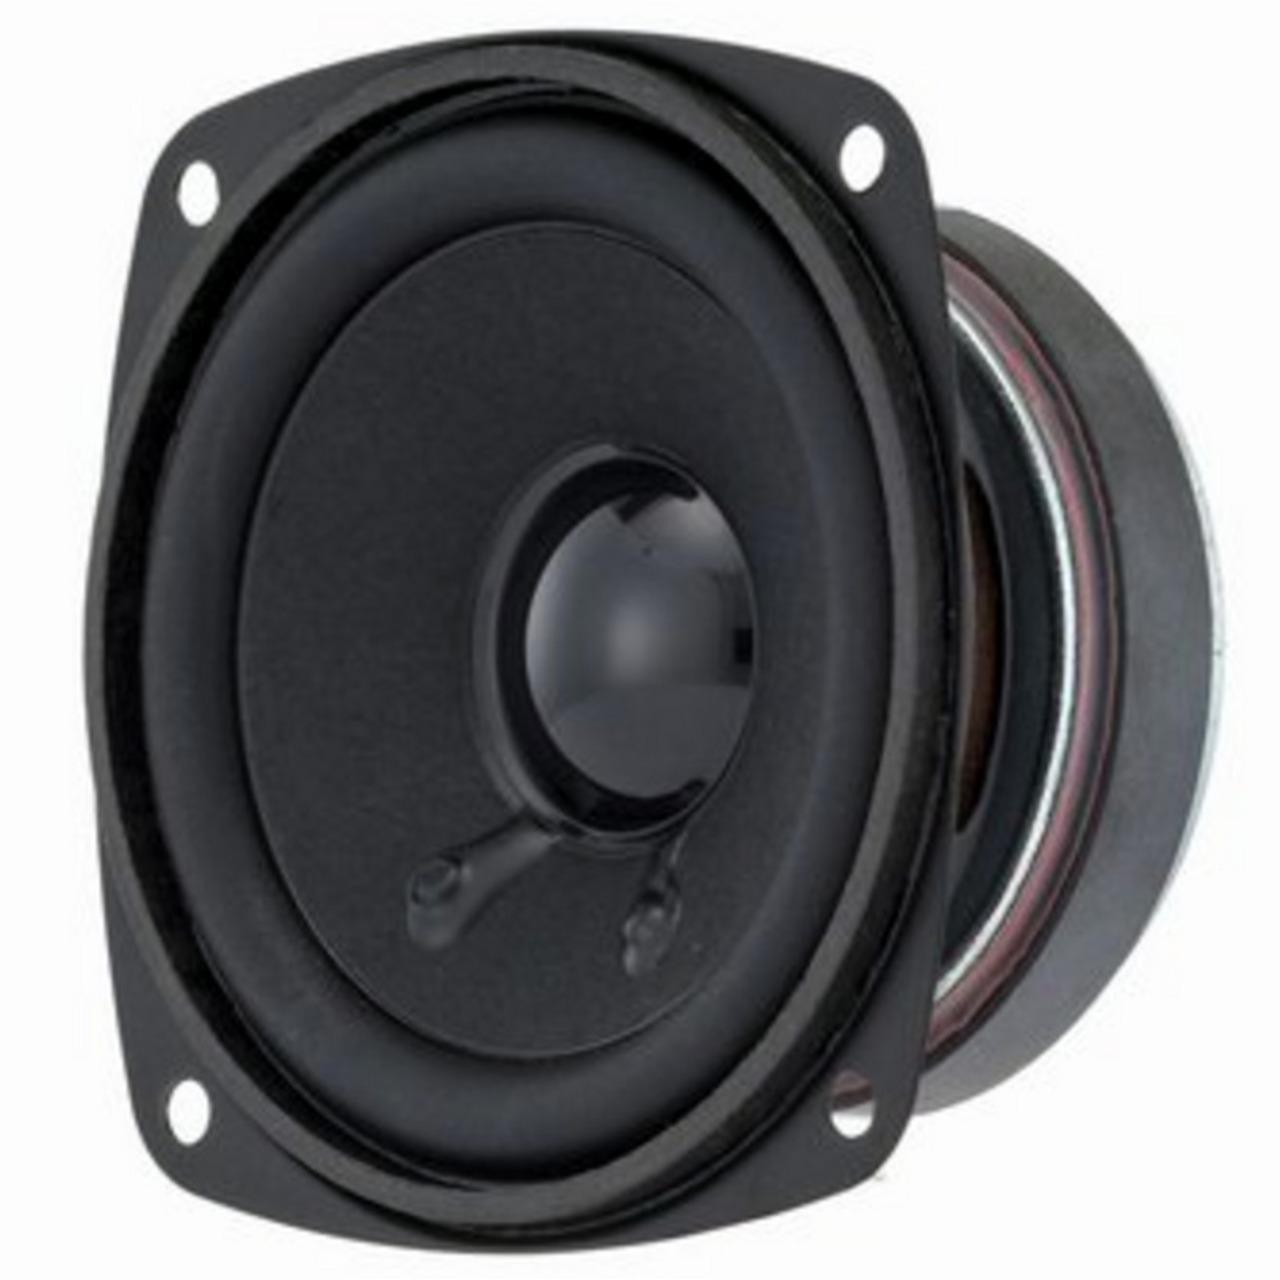 VISATON Hi-Fi-Breitbandlautsprecher- 8 cm- FRS 8- 4 Ohm